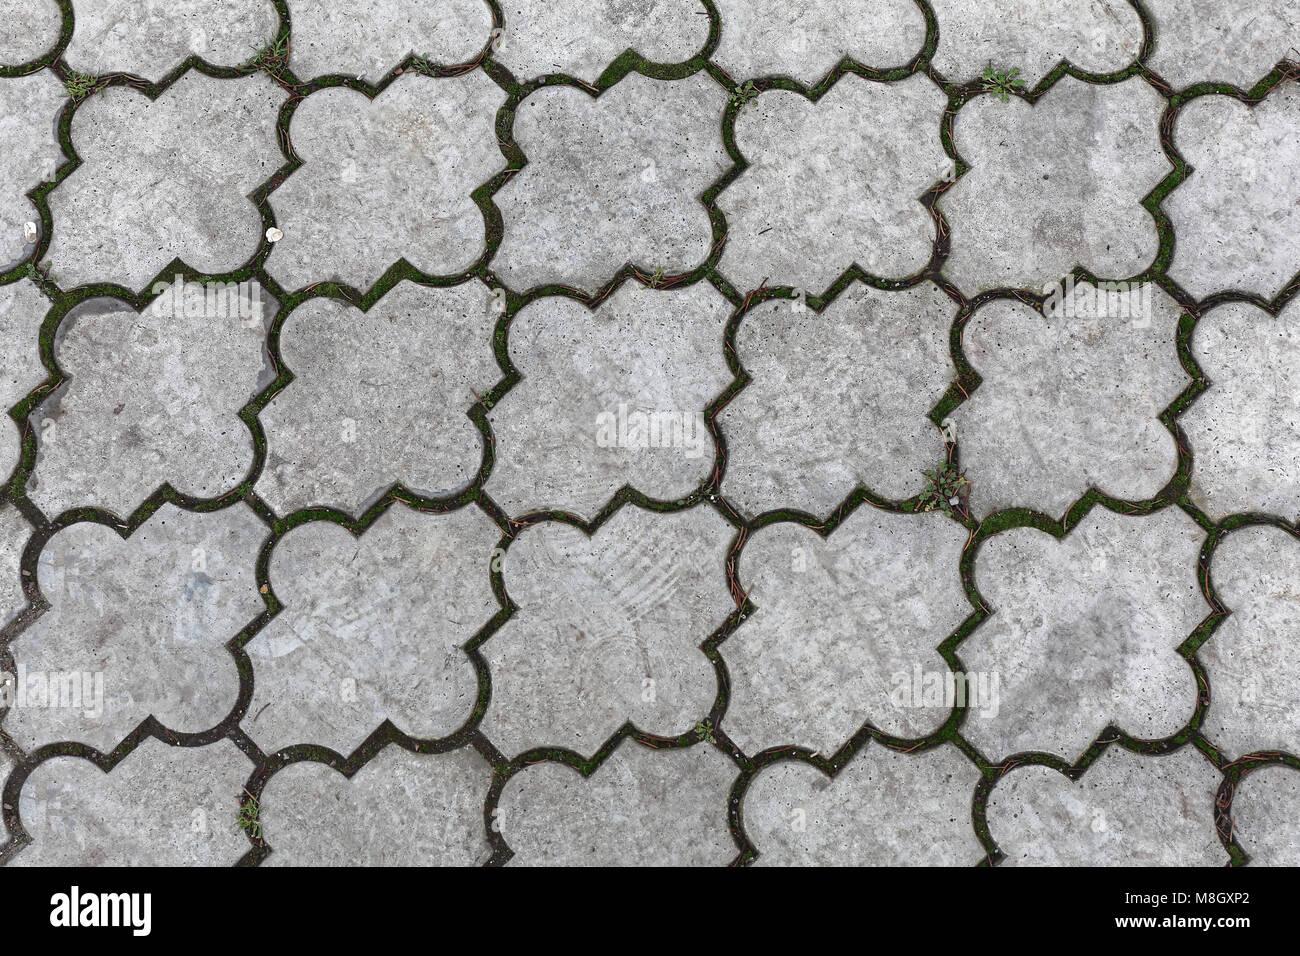 Texture pavimenti esterni per esterni in cemento stampato